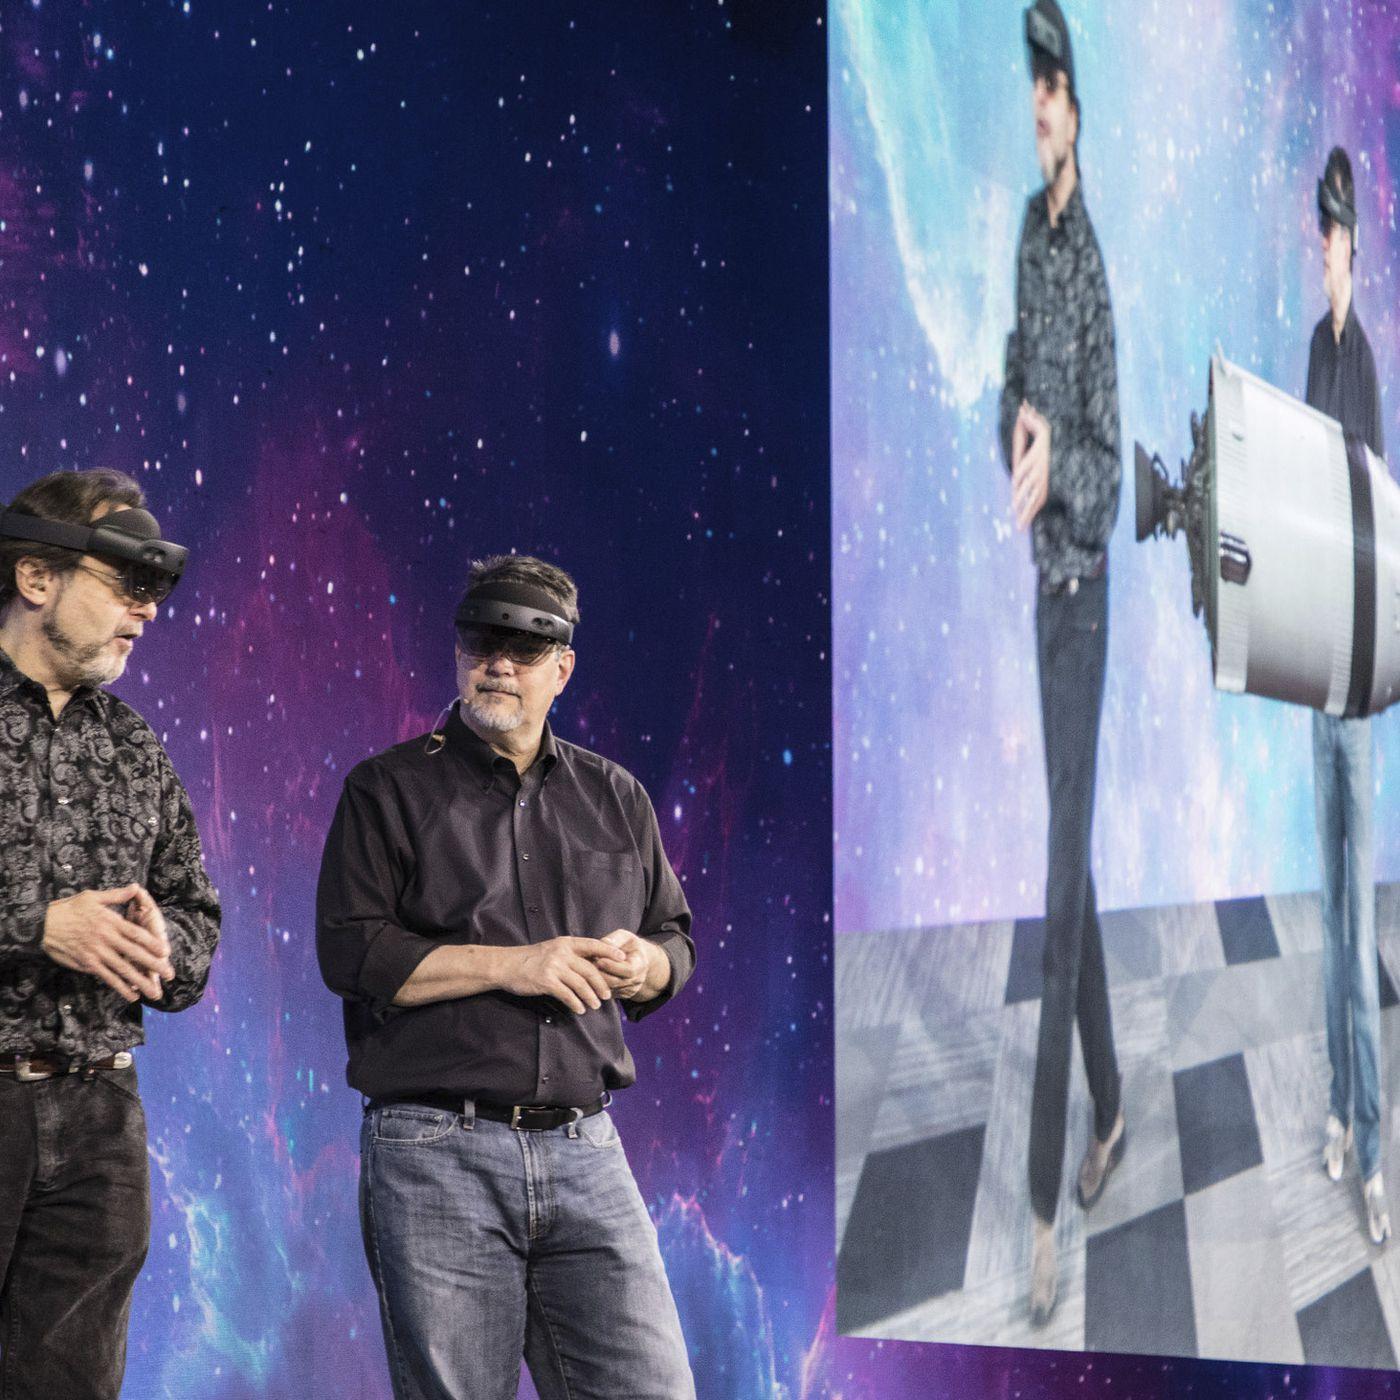 Watch Microsoft's failed HoloLens 2 Apollo moon landing demo